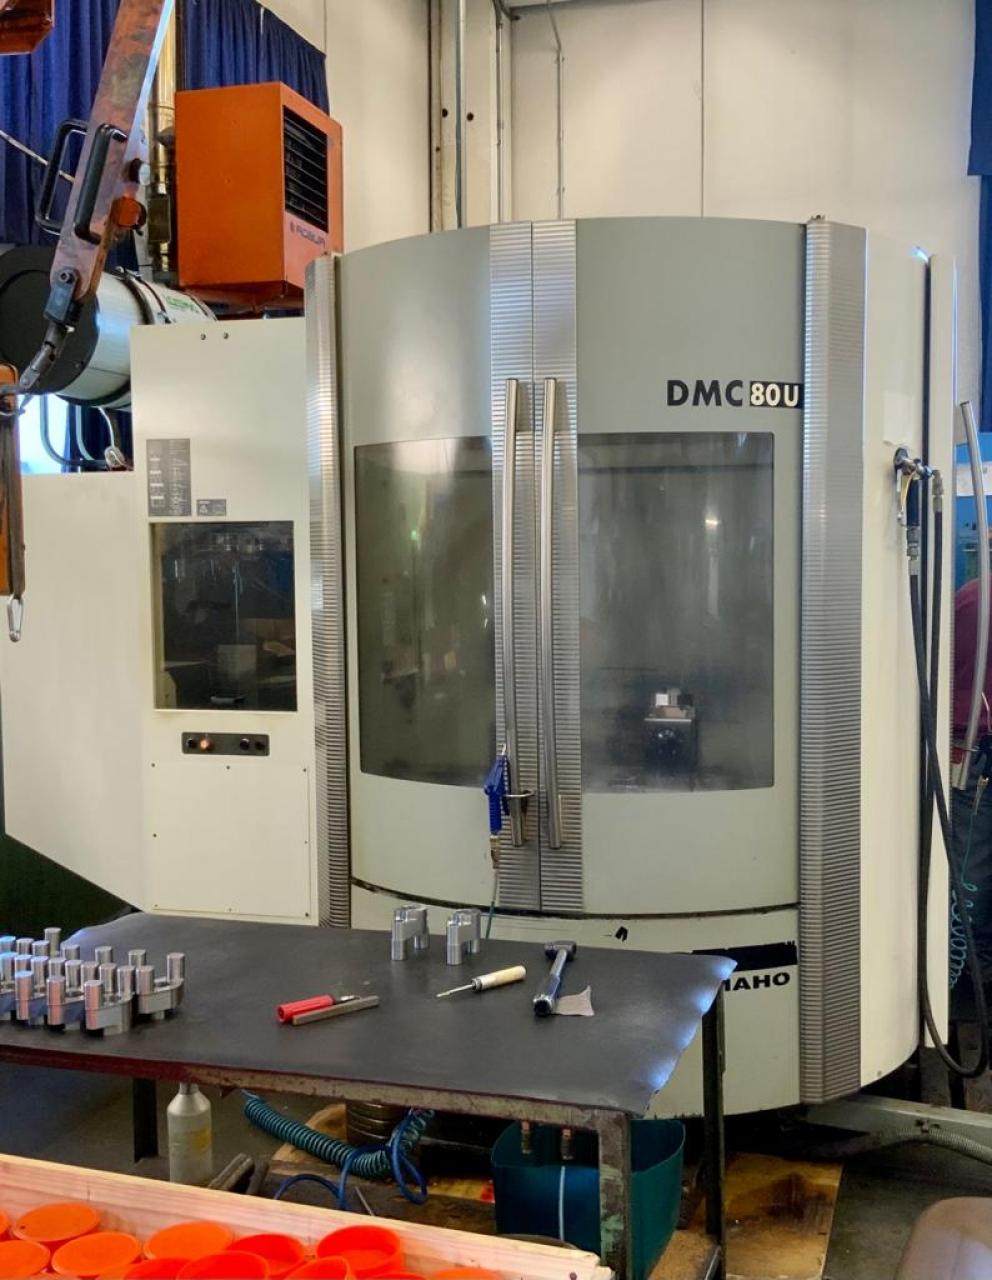 Centro di lavoro  DMC80 U HI-DYN - Foto integrale macchina